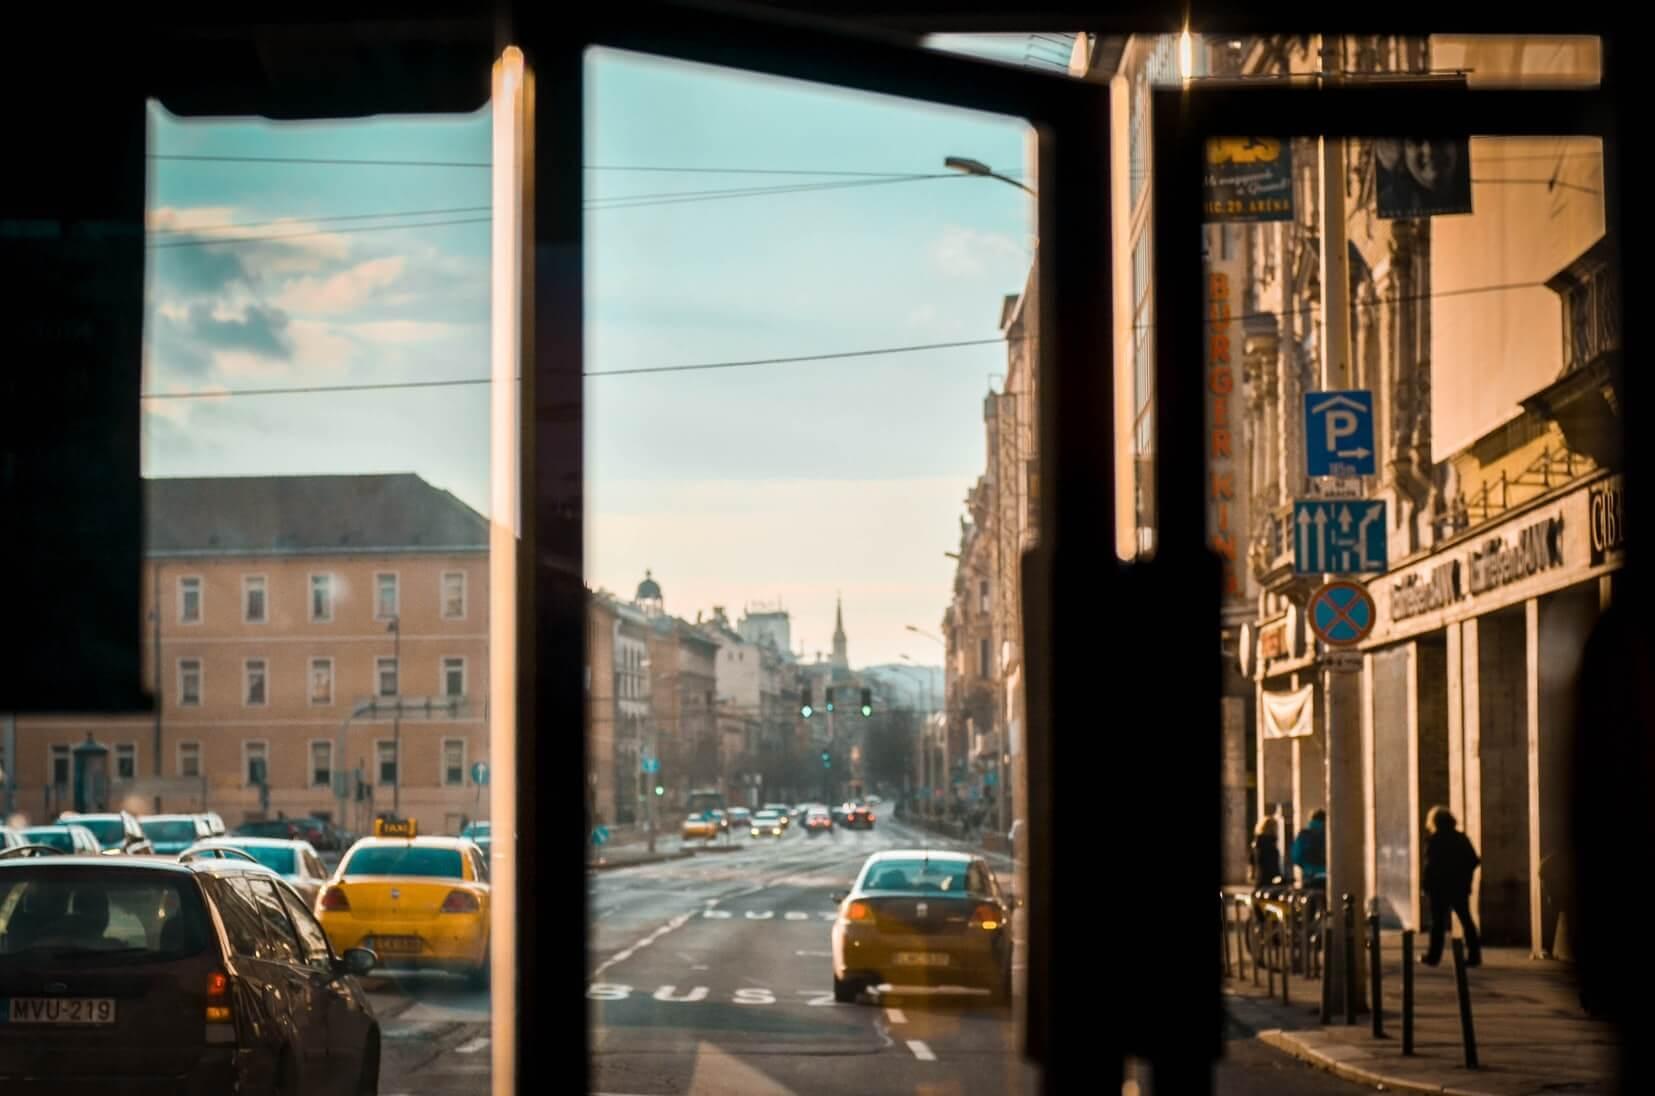 Пересадка в Дебрецене: что можно успеть за один день